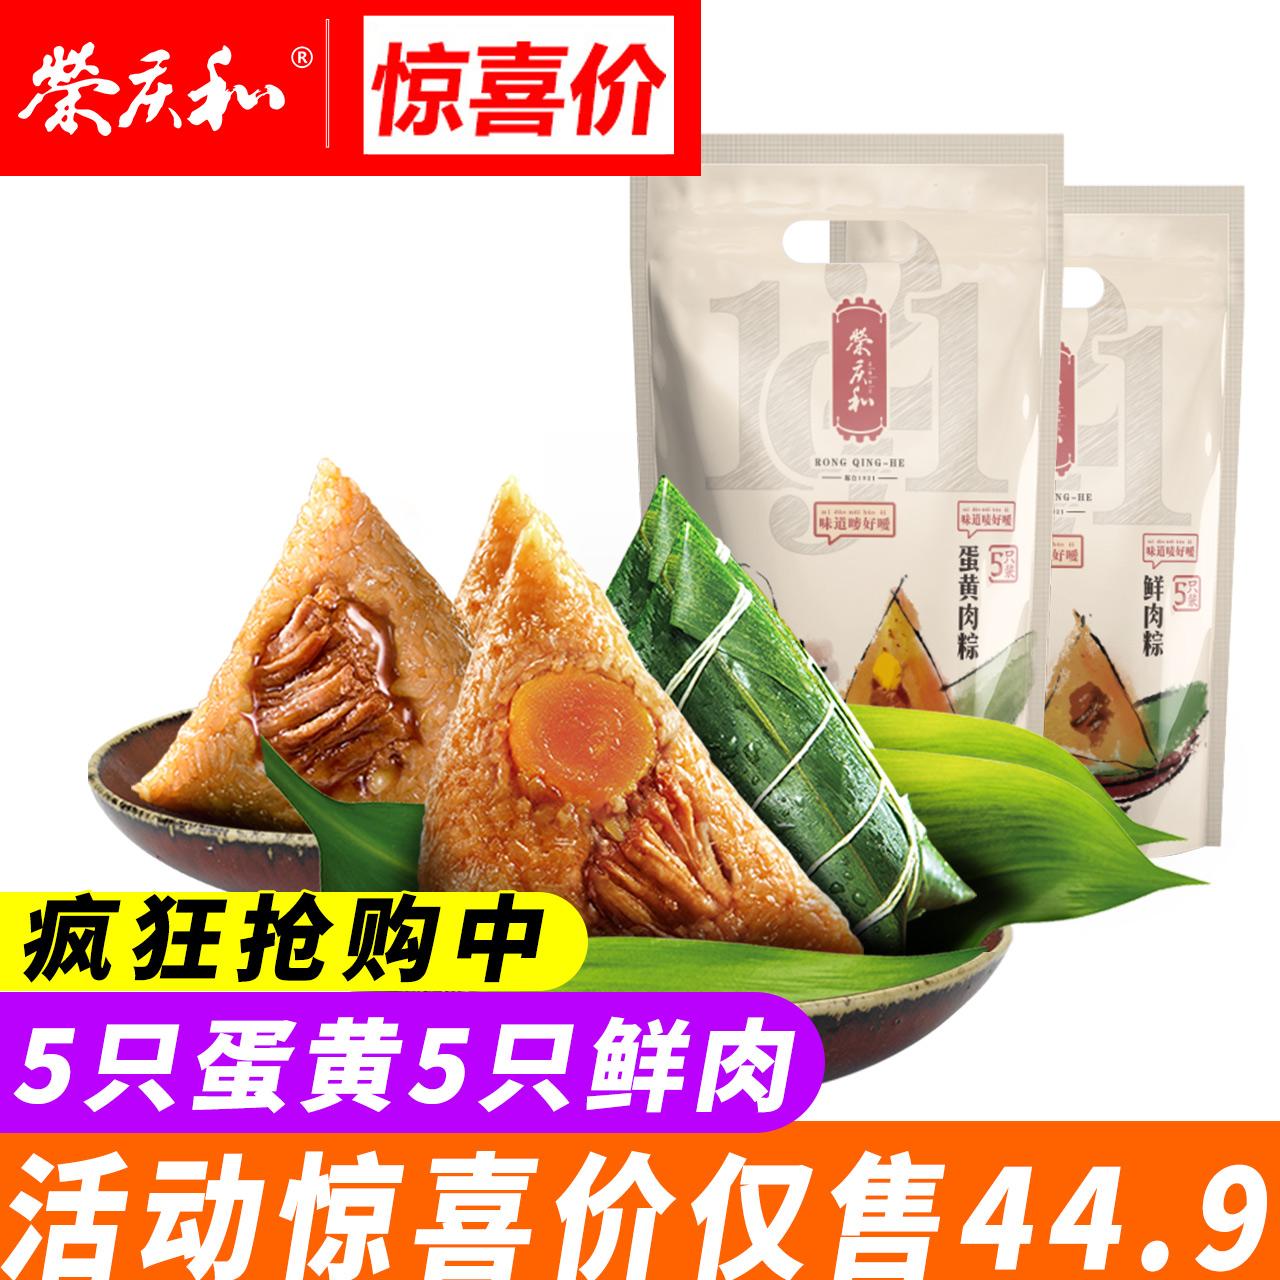 荣庆和鲜肉粽加蛋黄粽真空新鲜嘉兴粽子浙江特产散装粽子叶团购